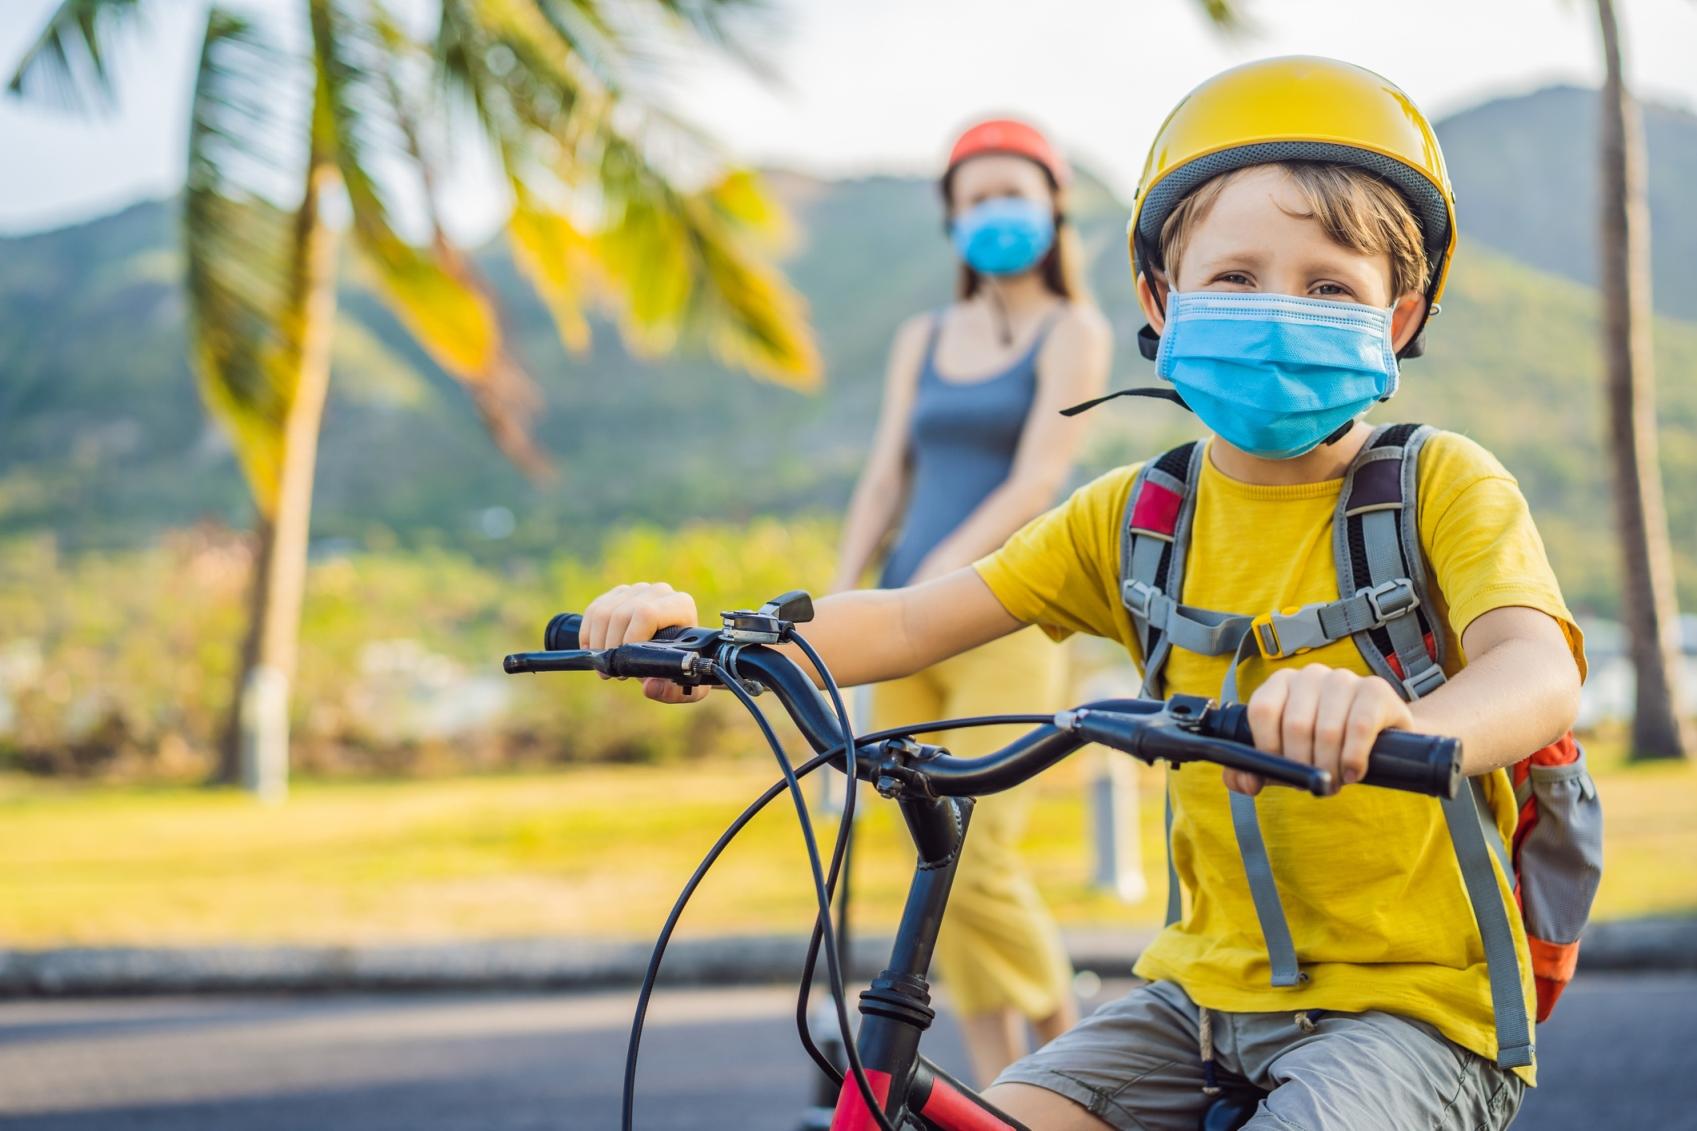 Pedalar é preciso! Veja os benefícios de andar de bicicleta